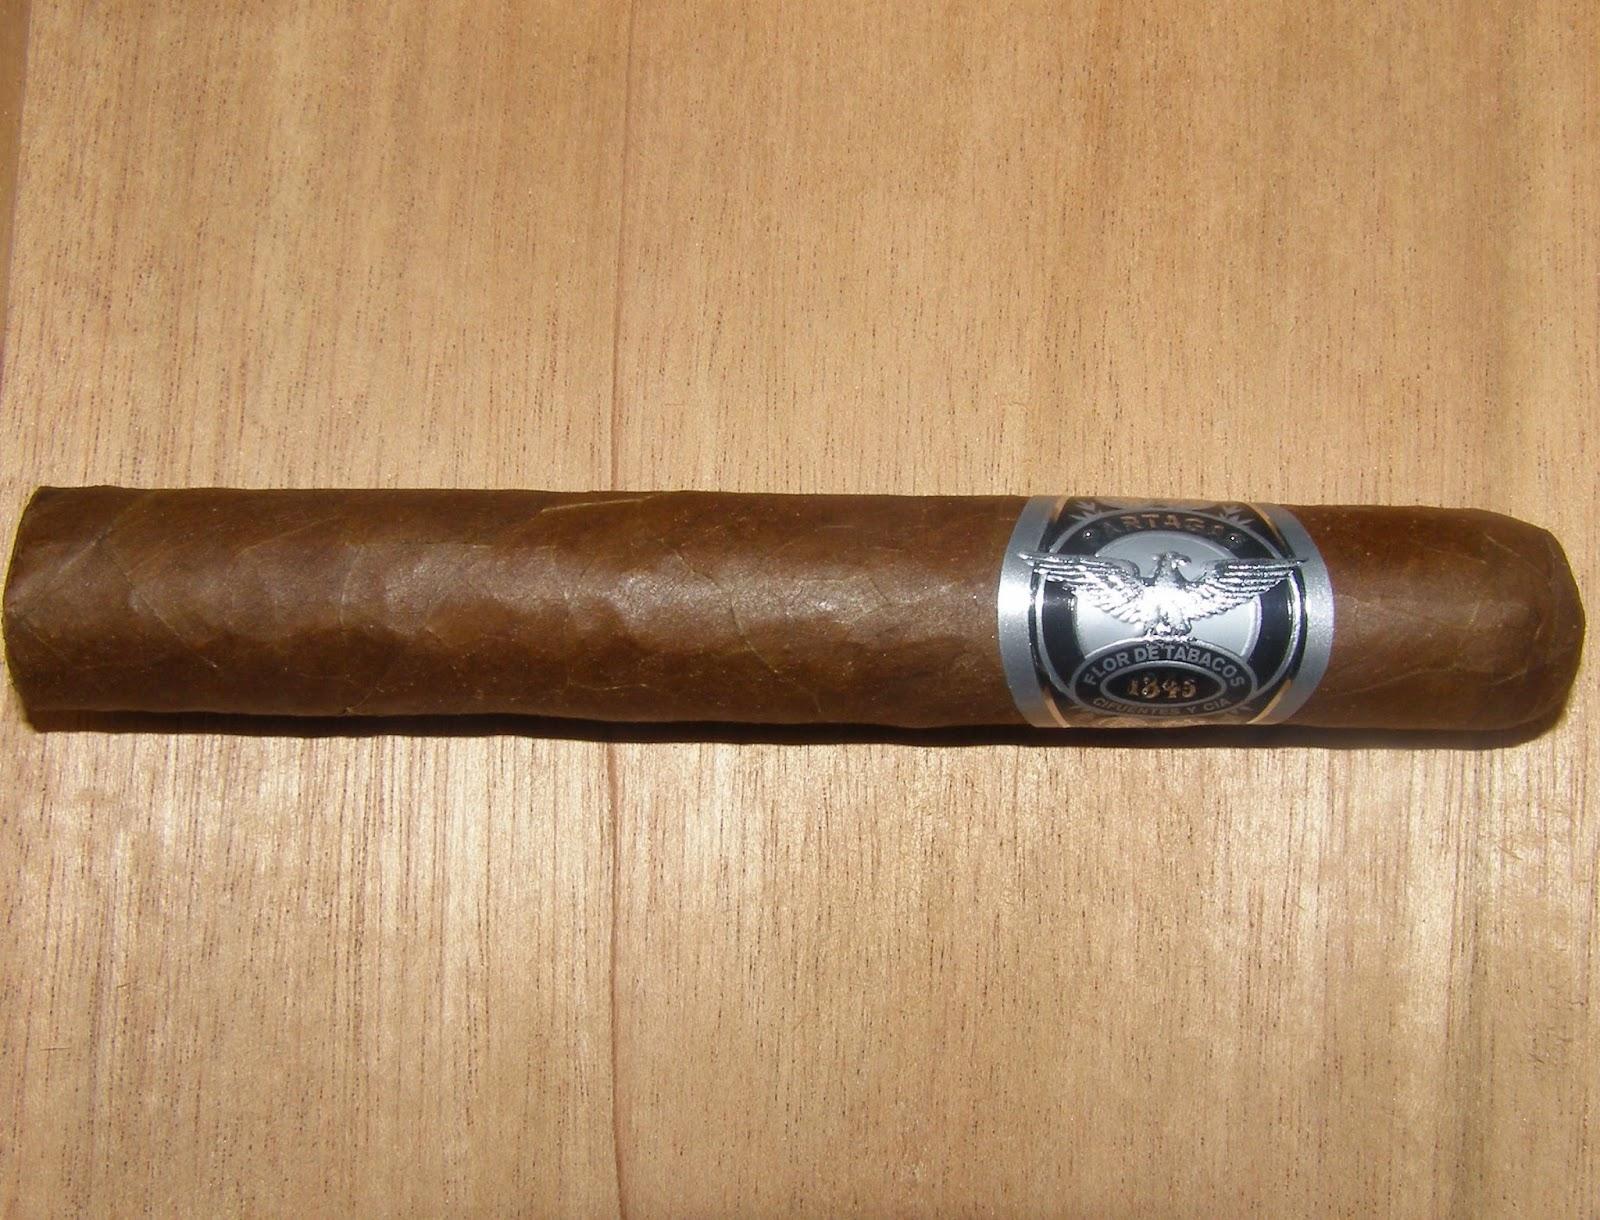 Cigar Review: Partagas 1845 Extra Fuerte